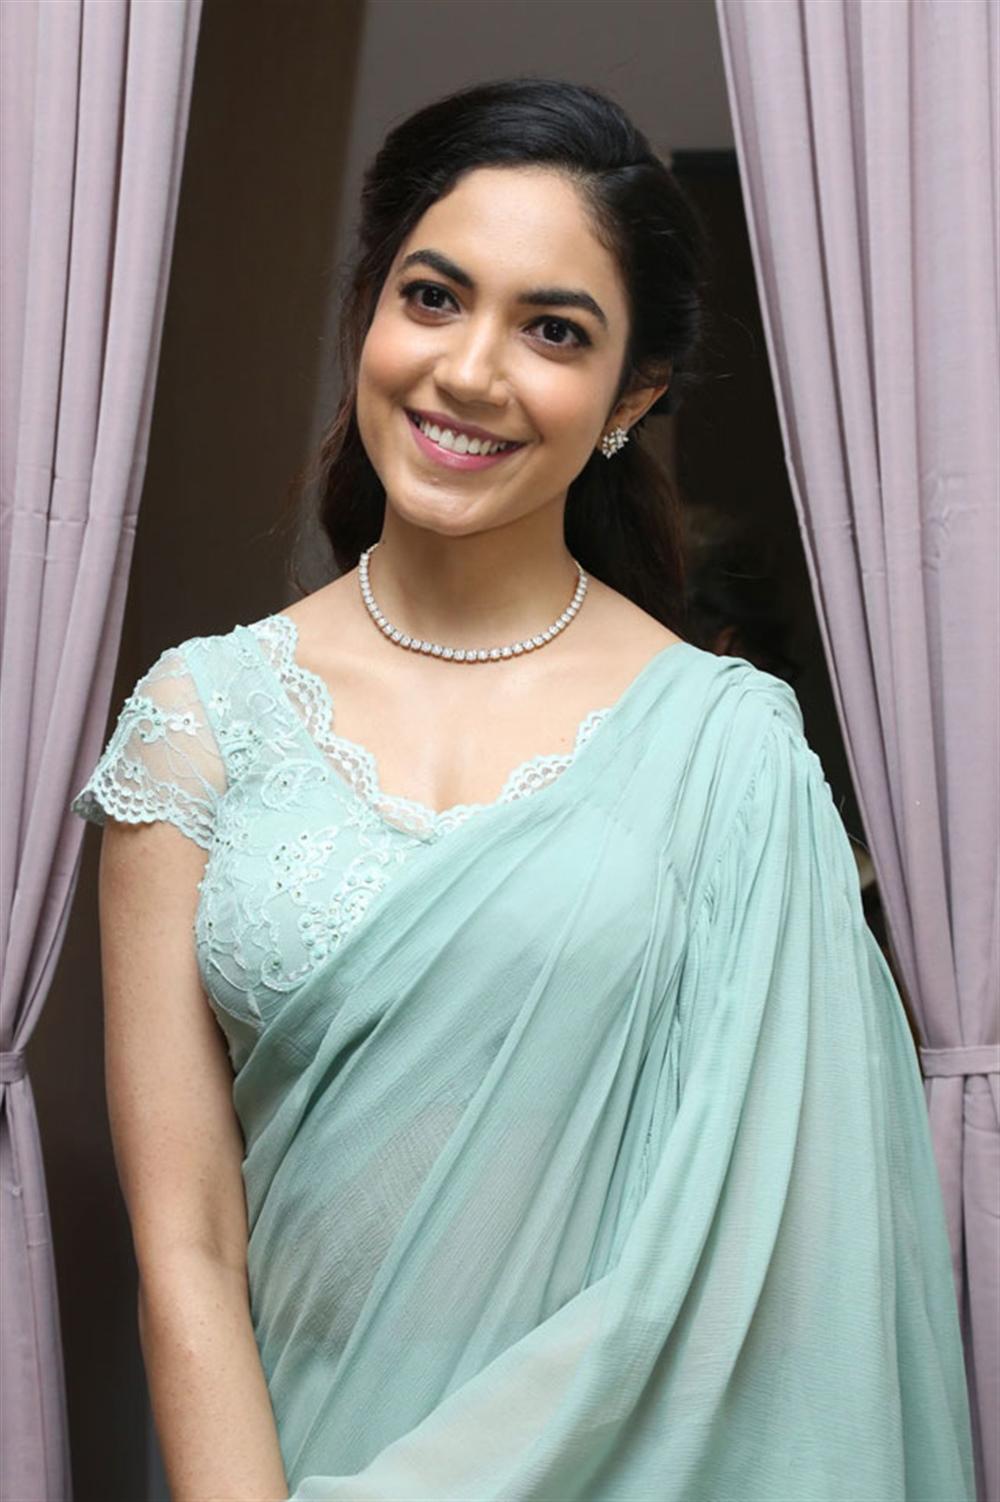 Actress Ritu Varma @ Lincy's Nail Bar Salon Inauguration Photos